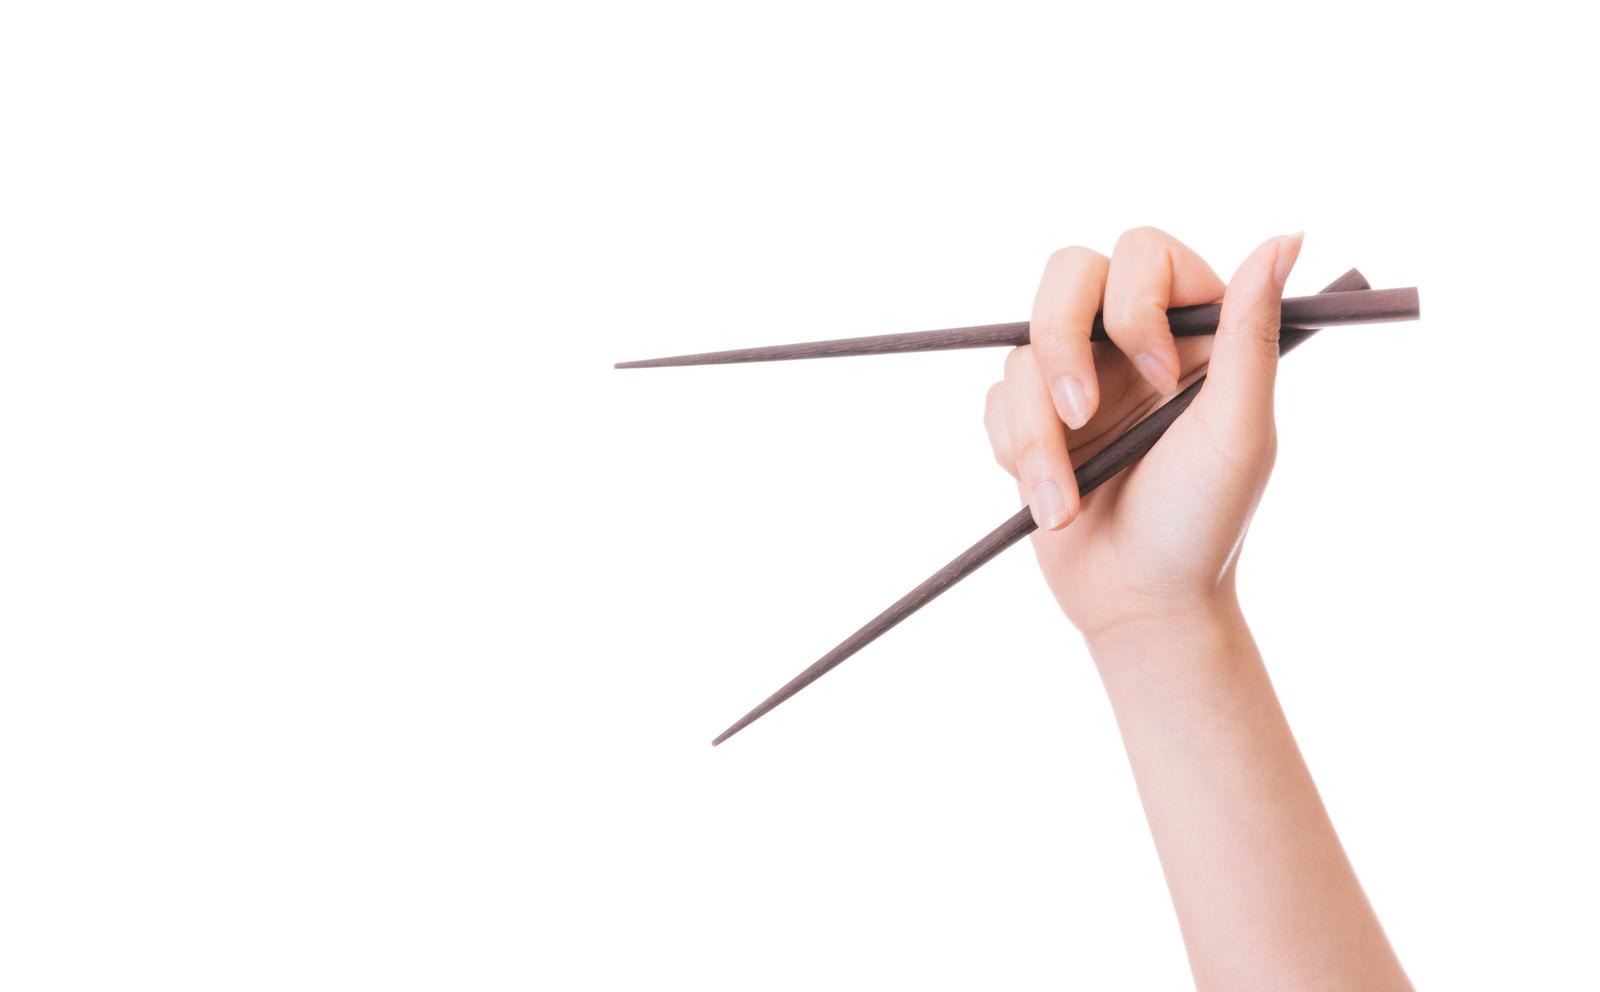 「箸の持ち方が悪い箸の持ち方が悪い」のフリー写真素材を拡大